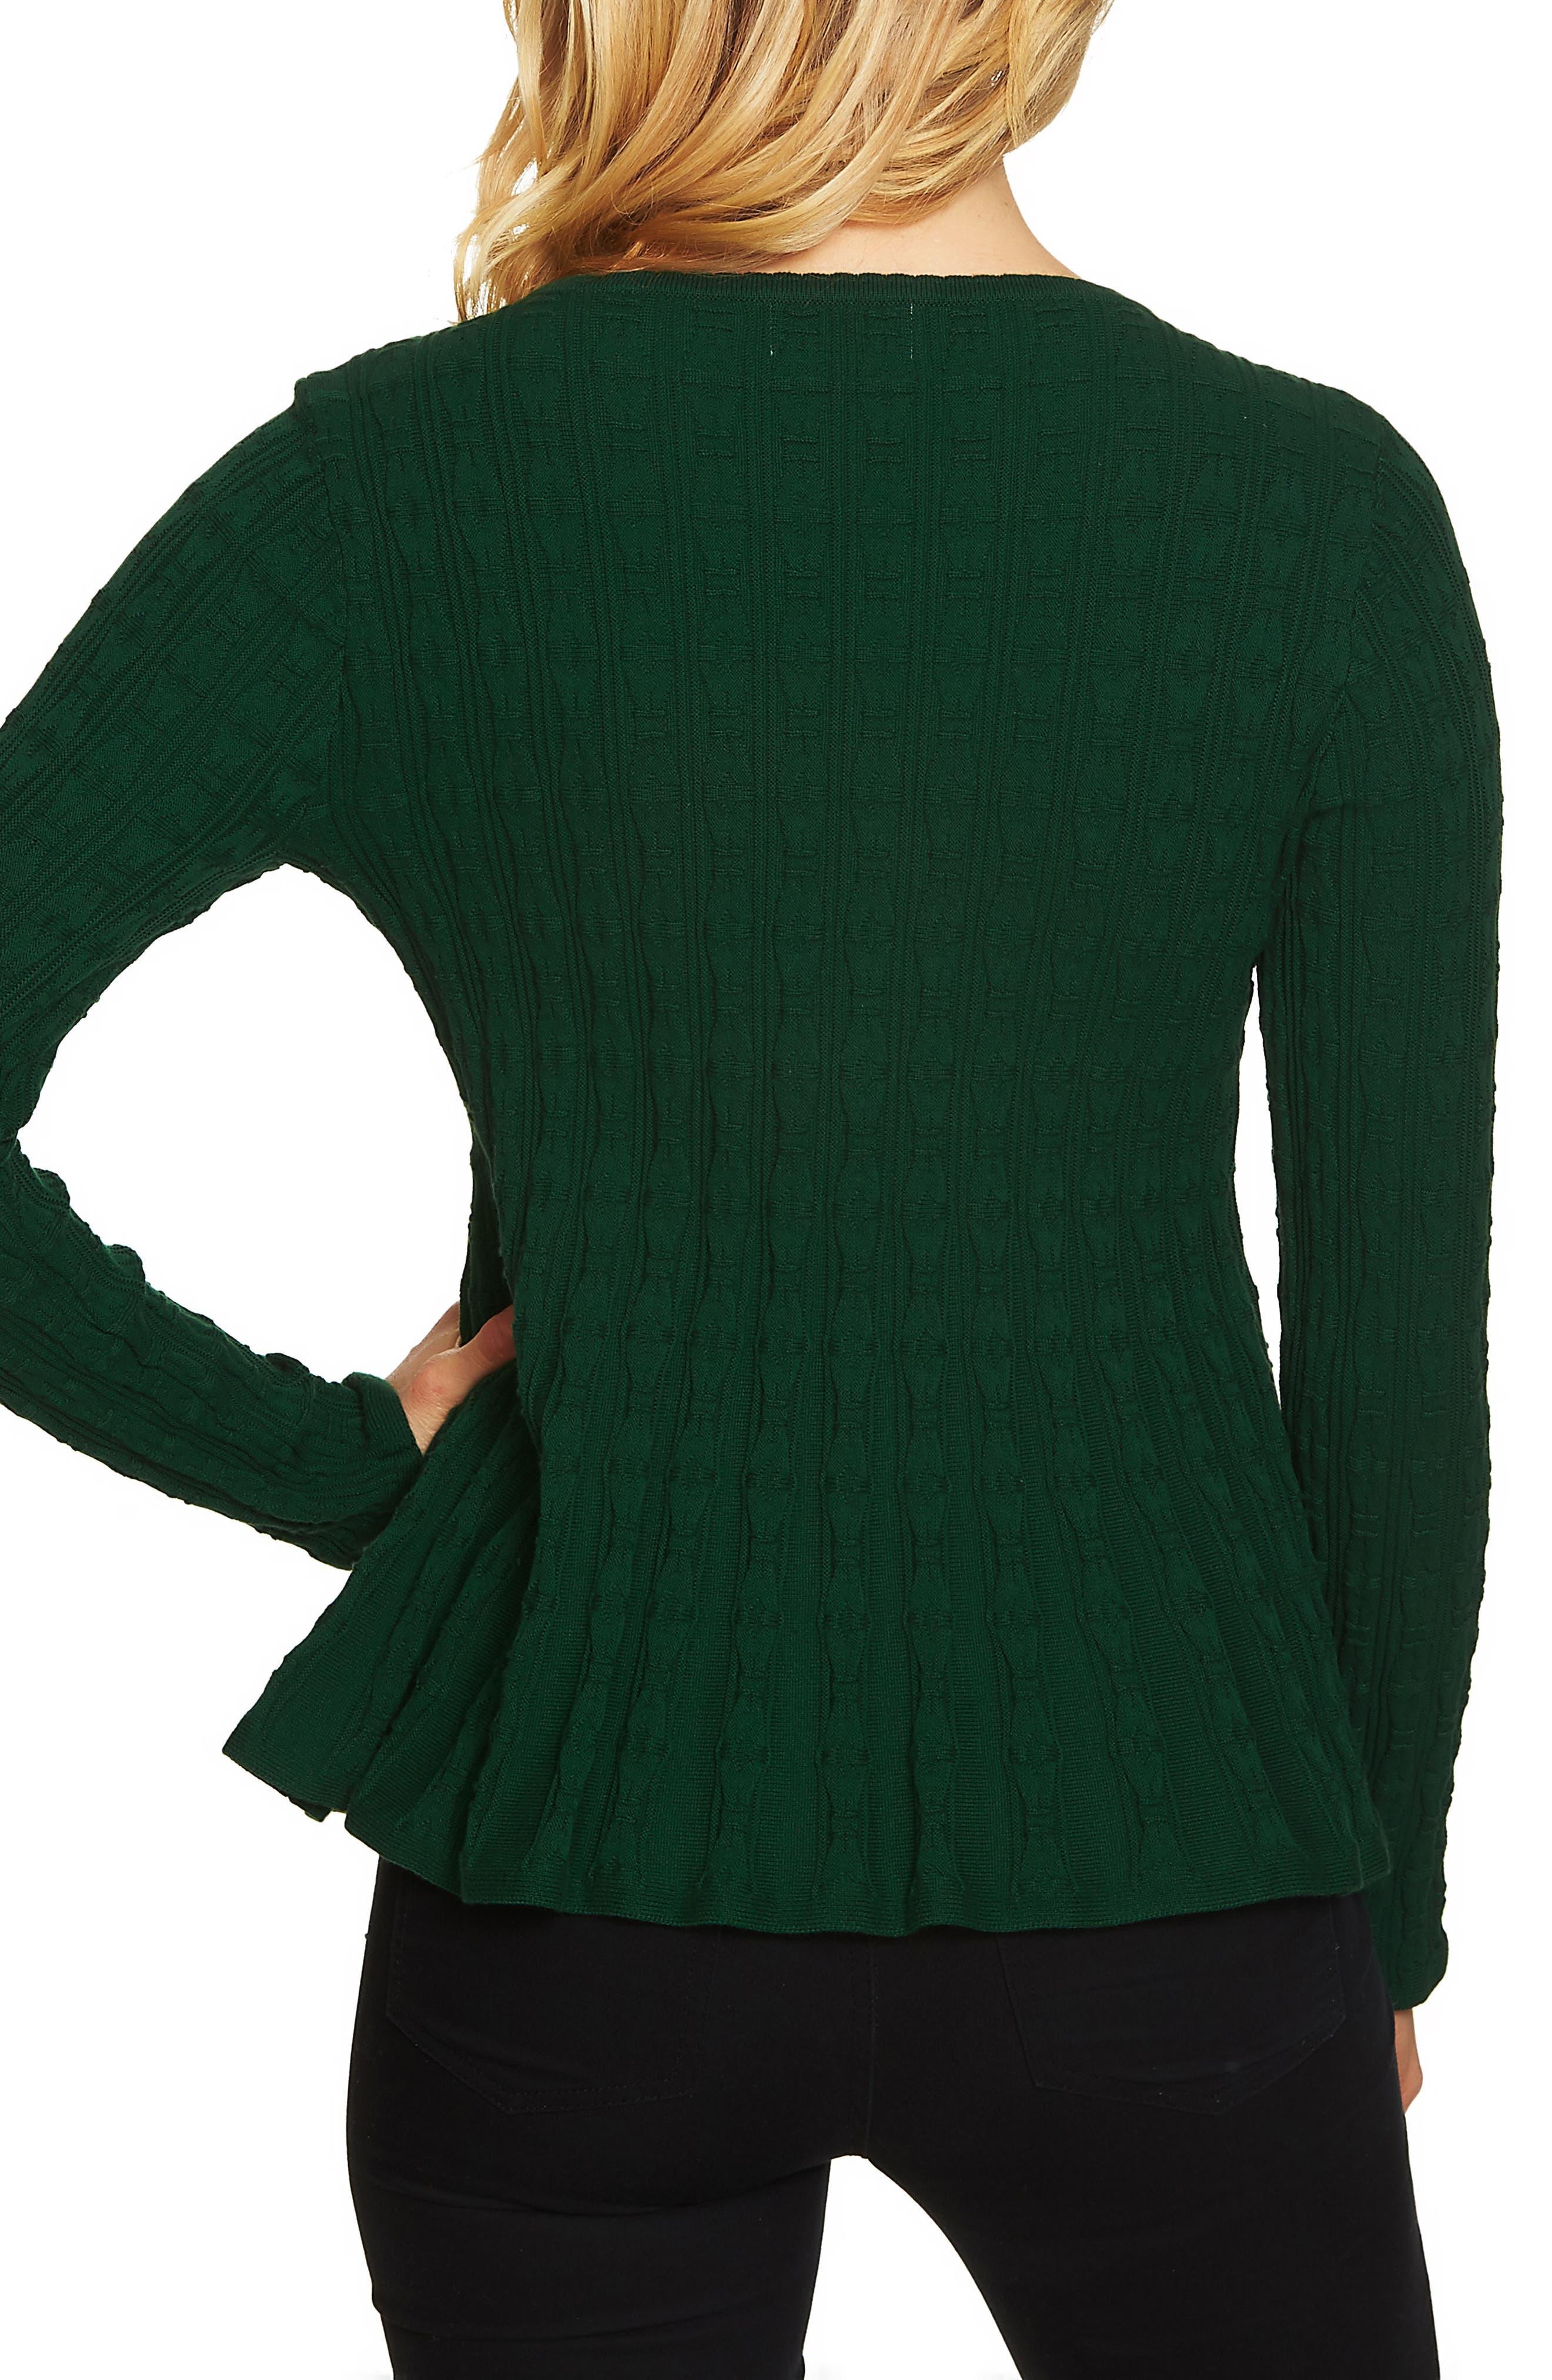 Textured Peplum Sweater,                             Alternate thumbnail 2, color,                             Deep Green